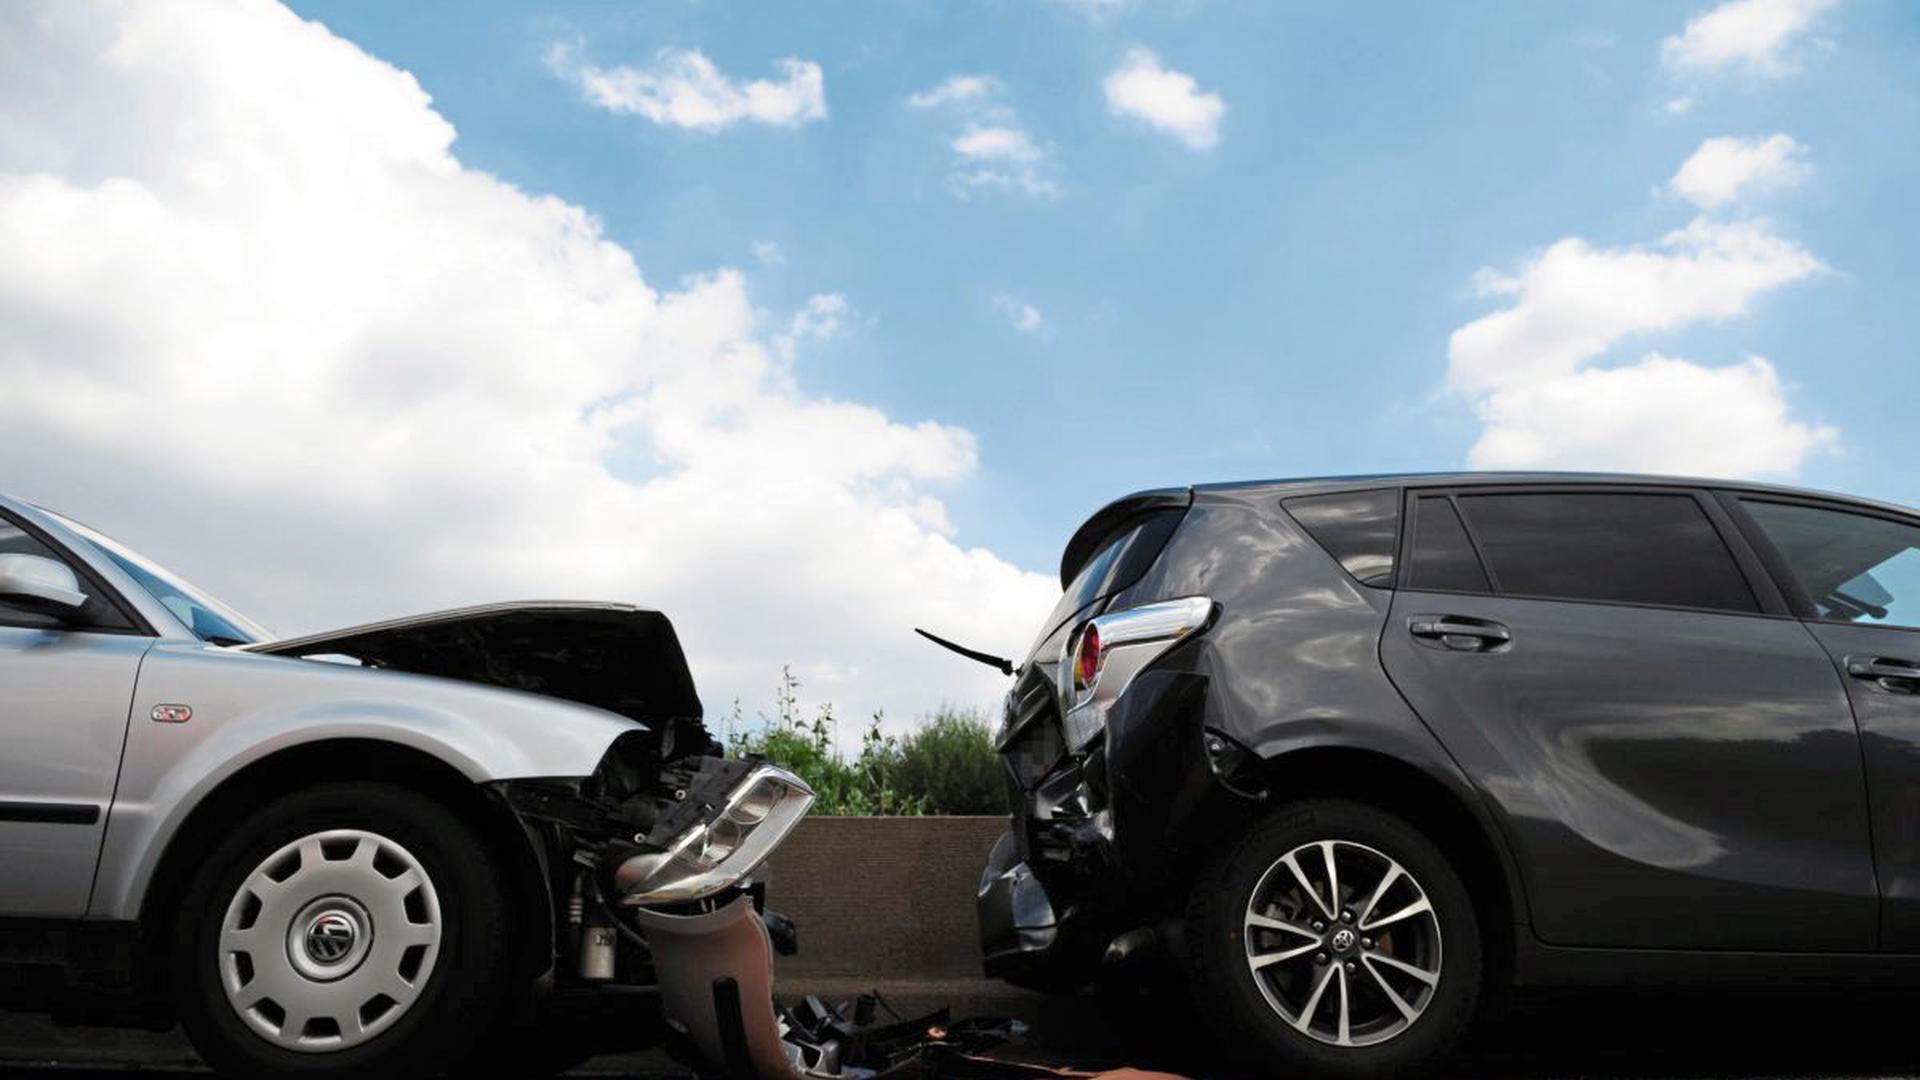 Ja nach Unfallhäufigkeit werden Zulassungsbezirke in höhere oder niedrigere Regionalklassen eingeteilt.